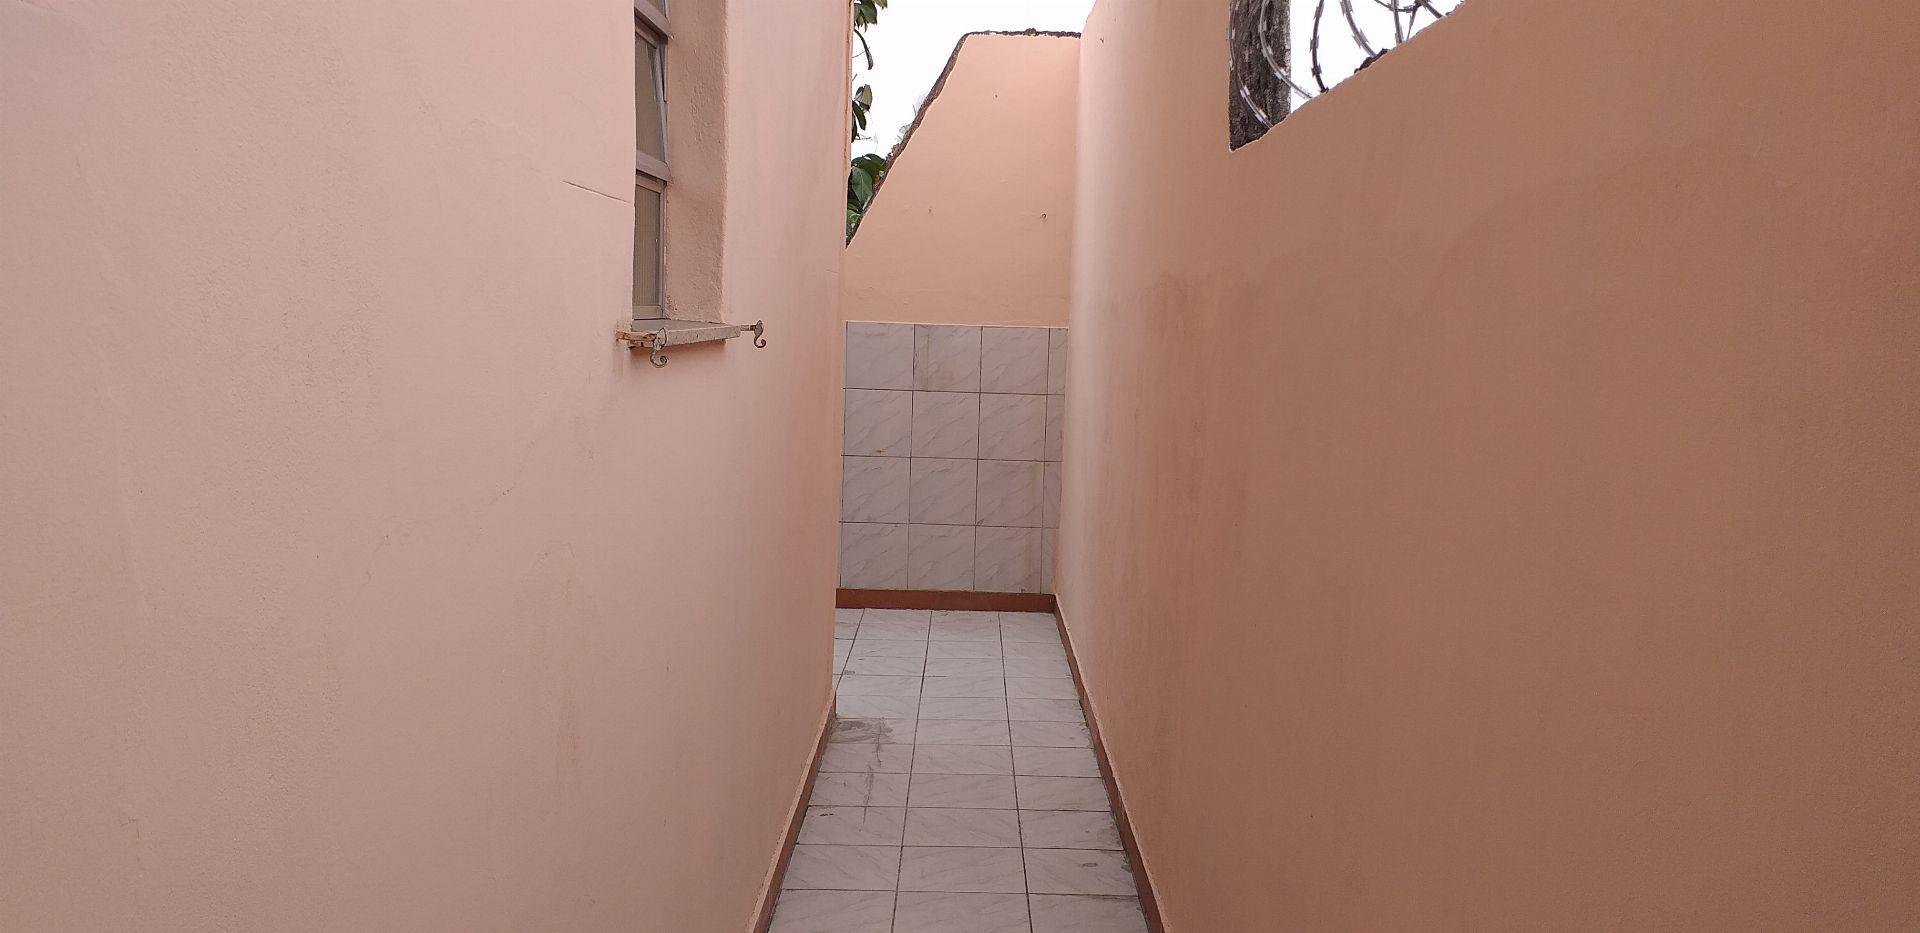 Apartamento Rua Prefeito Olímpio de Melo,Benfica,Zona Norte,Rio de Janeiro,RJ Para Alugar,4 Quartos,90m² - 649 - 10